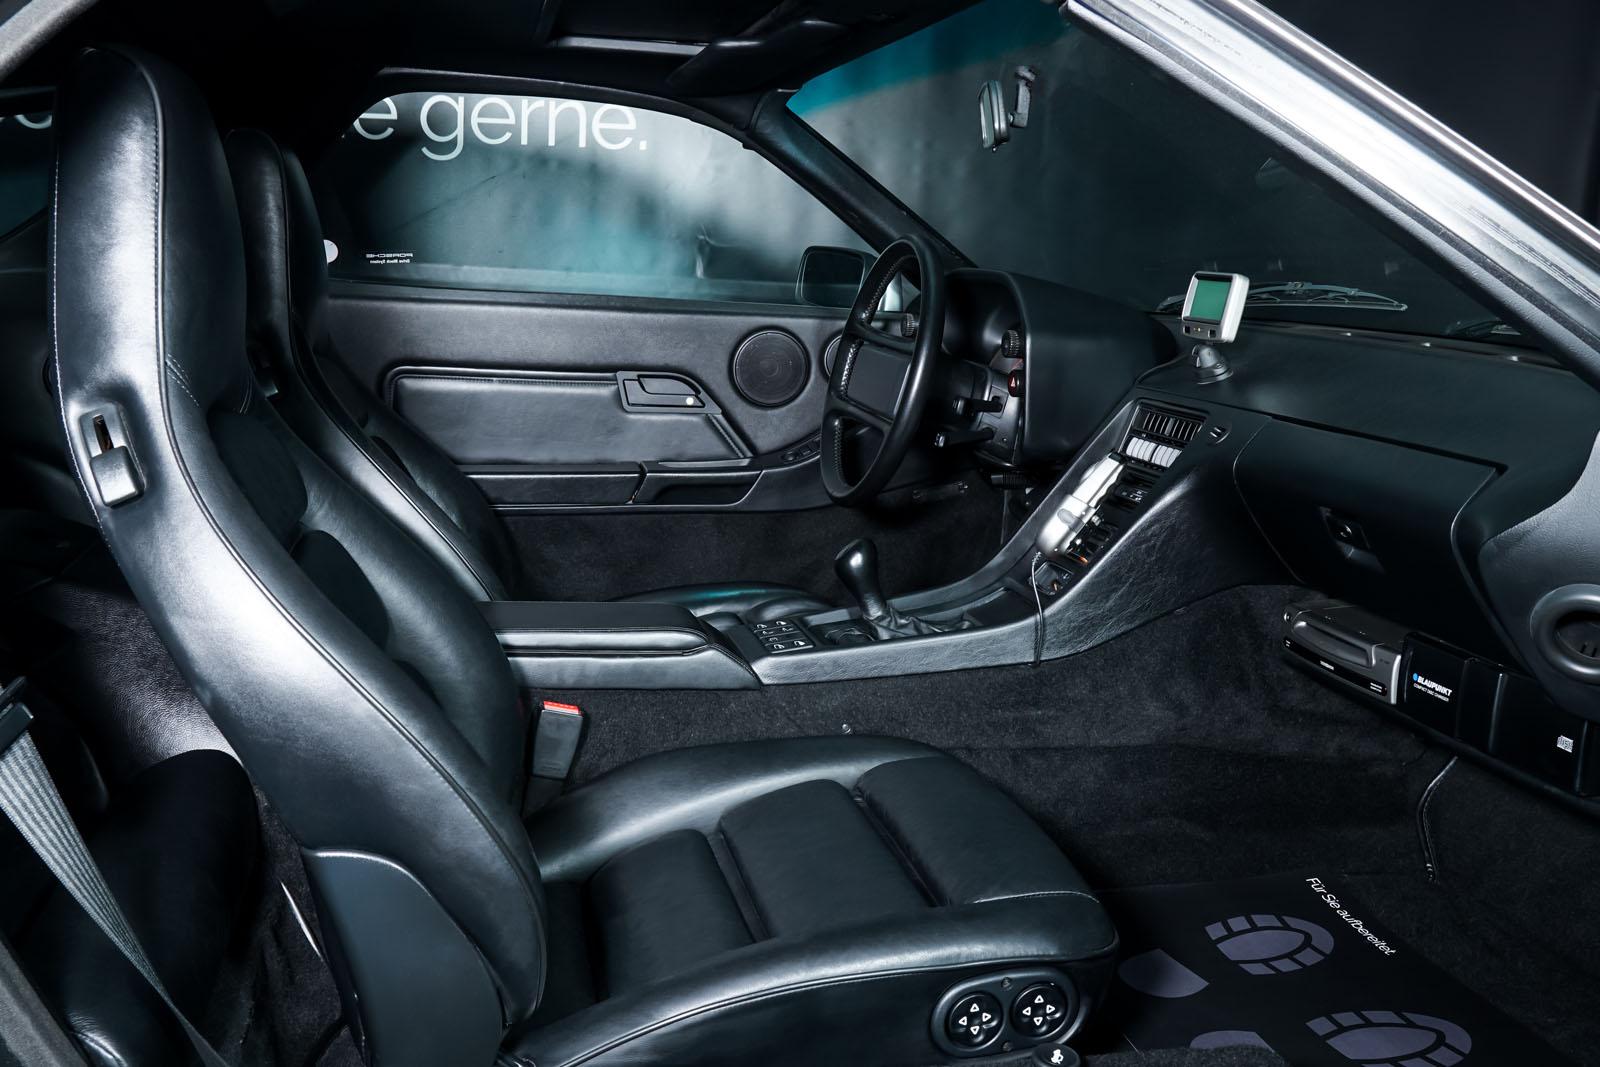 Porsche_928_Grey_Black_POR-0325_17_w